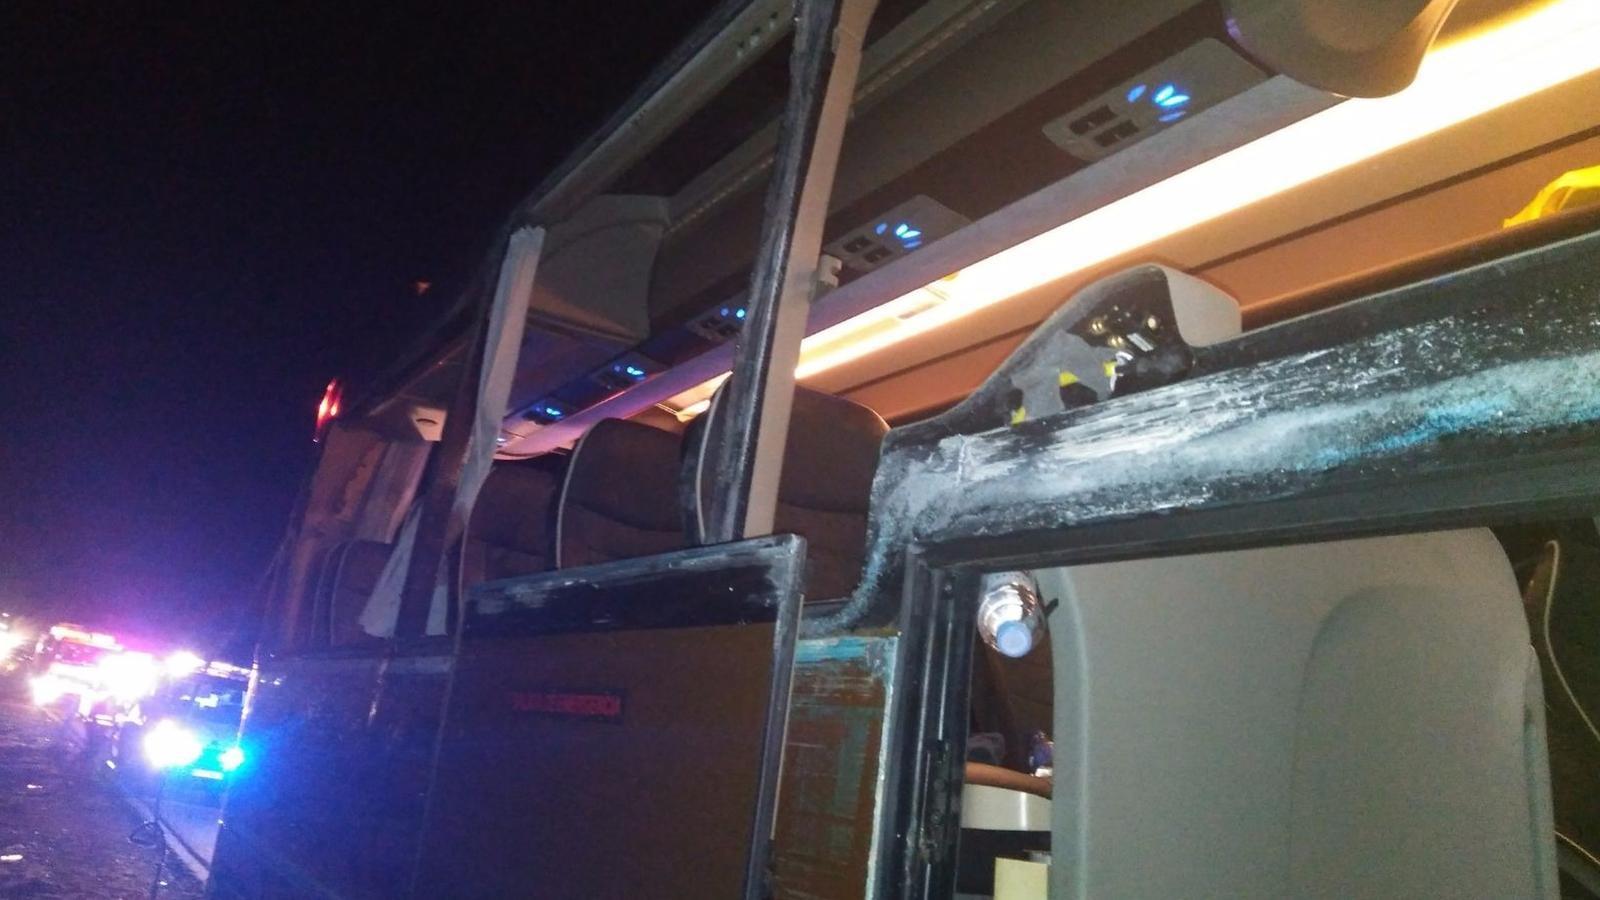 Dotze ferits en xocar un autobús amb 55 passatgers i un camió al País Valencià/ ACN